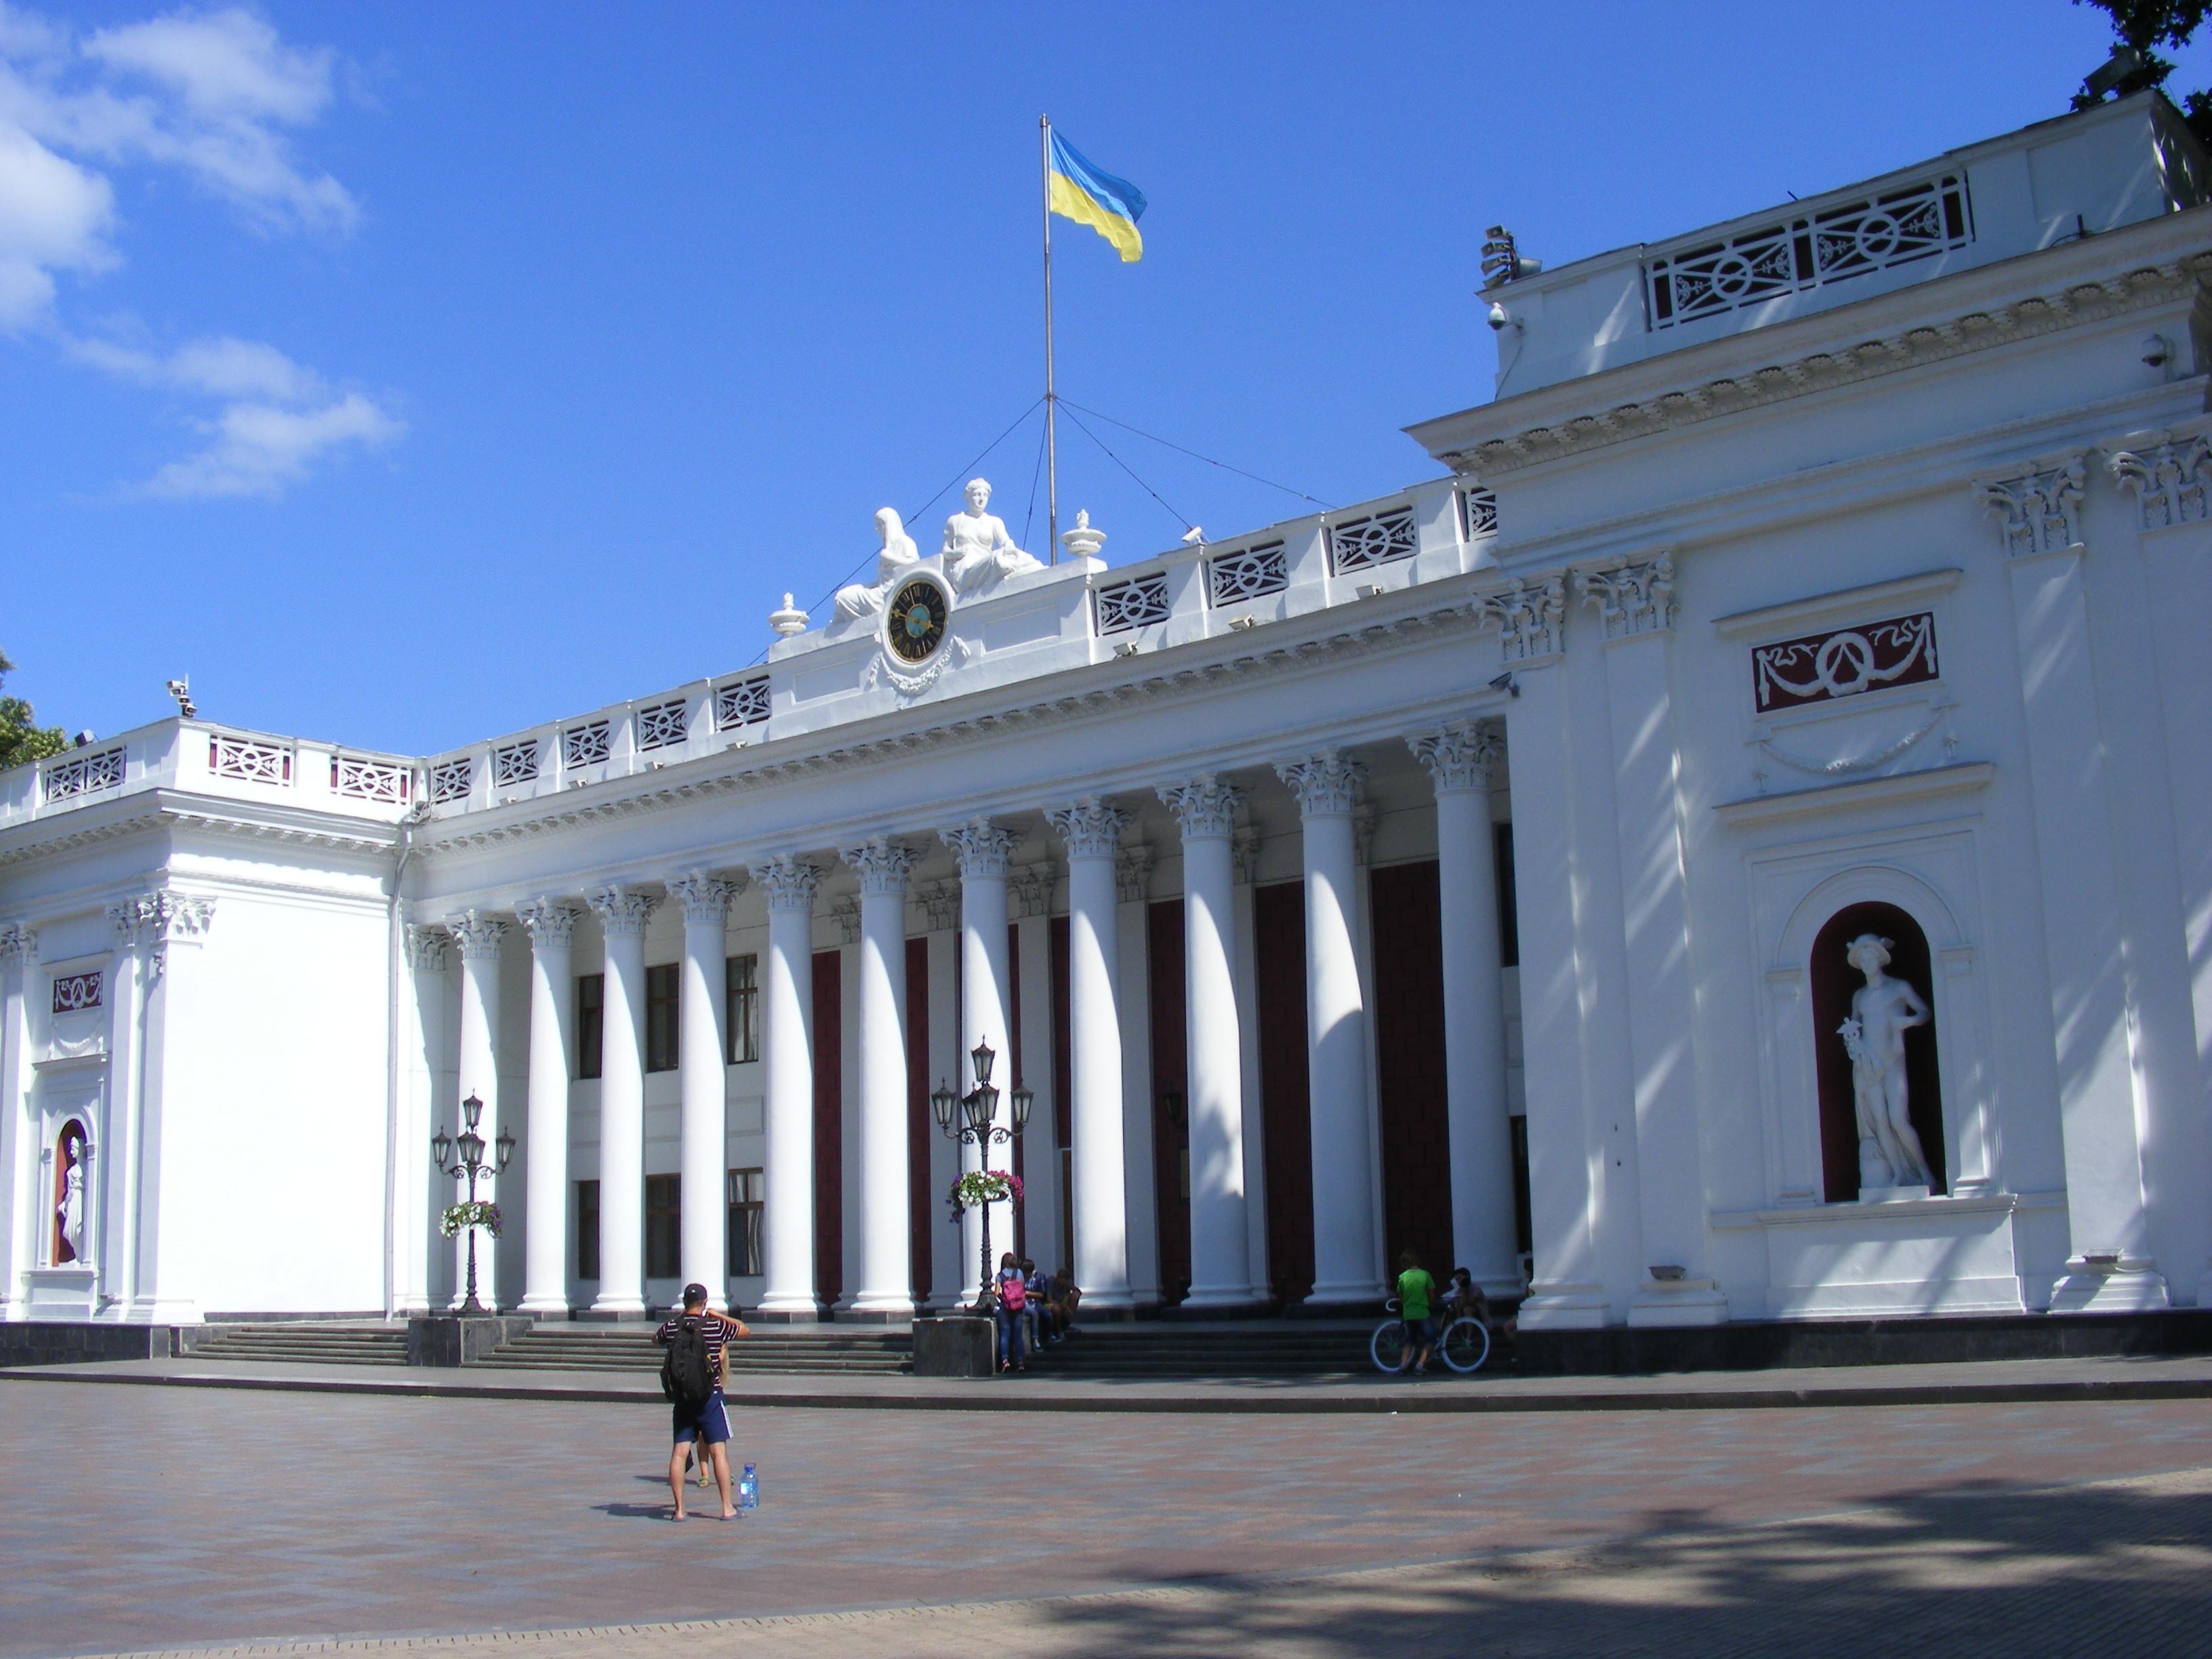 Ревізія виявила в Одеській міськраді порушення на 3,5 мільйона гривень